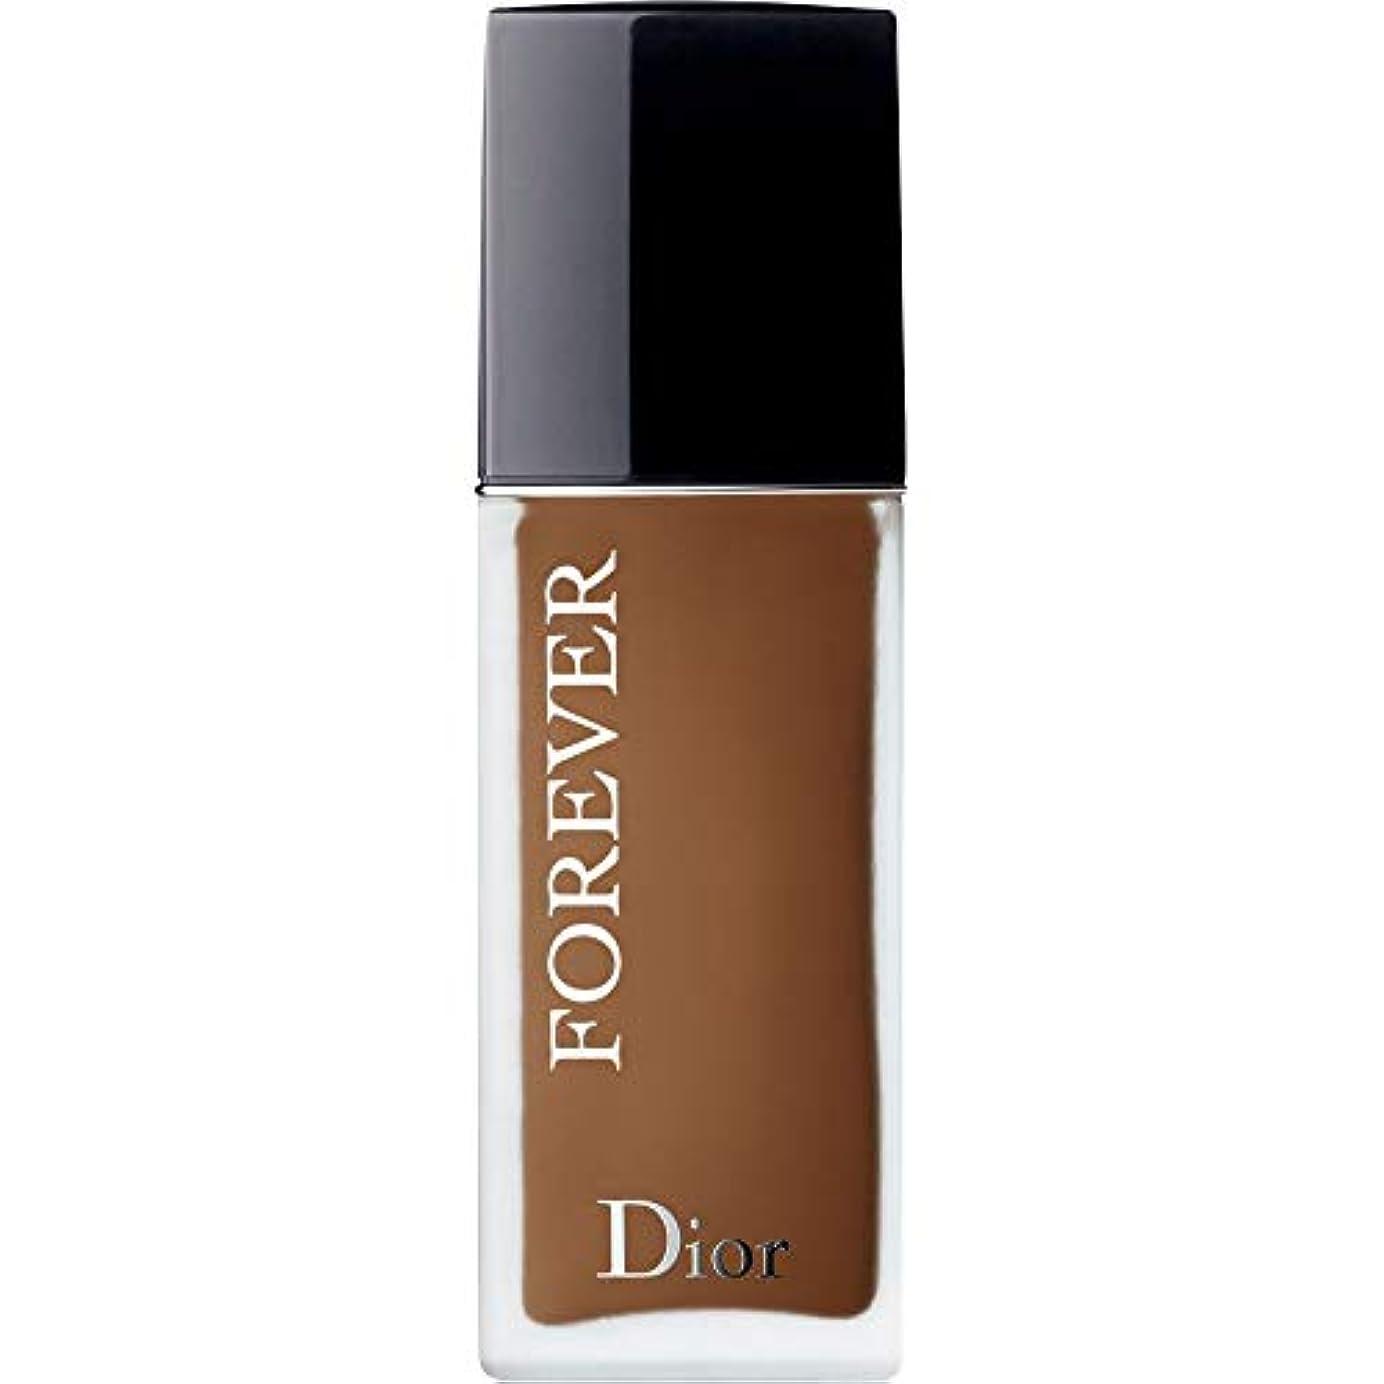 言い訳中でアルバニー[Dior ] ディオール永遠皮膚思いやりの基盤Spf35 30ミリリットルの7.5N - ニュートラル(つや消し) - DIOR Forever Skin-Caring Foundation SPF35 30ml 7.5N...